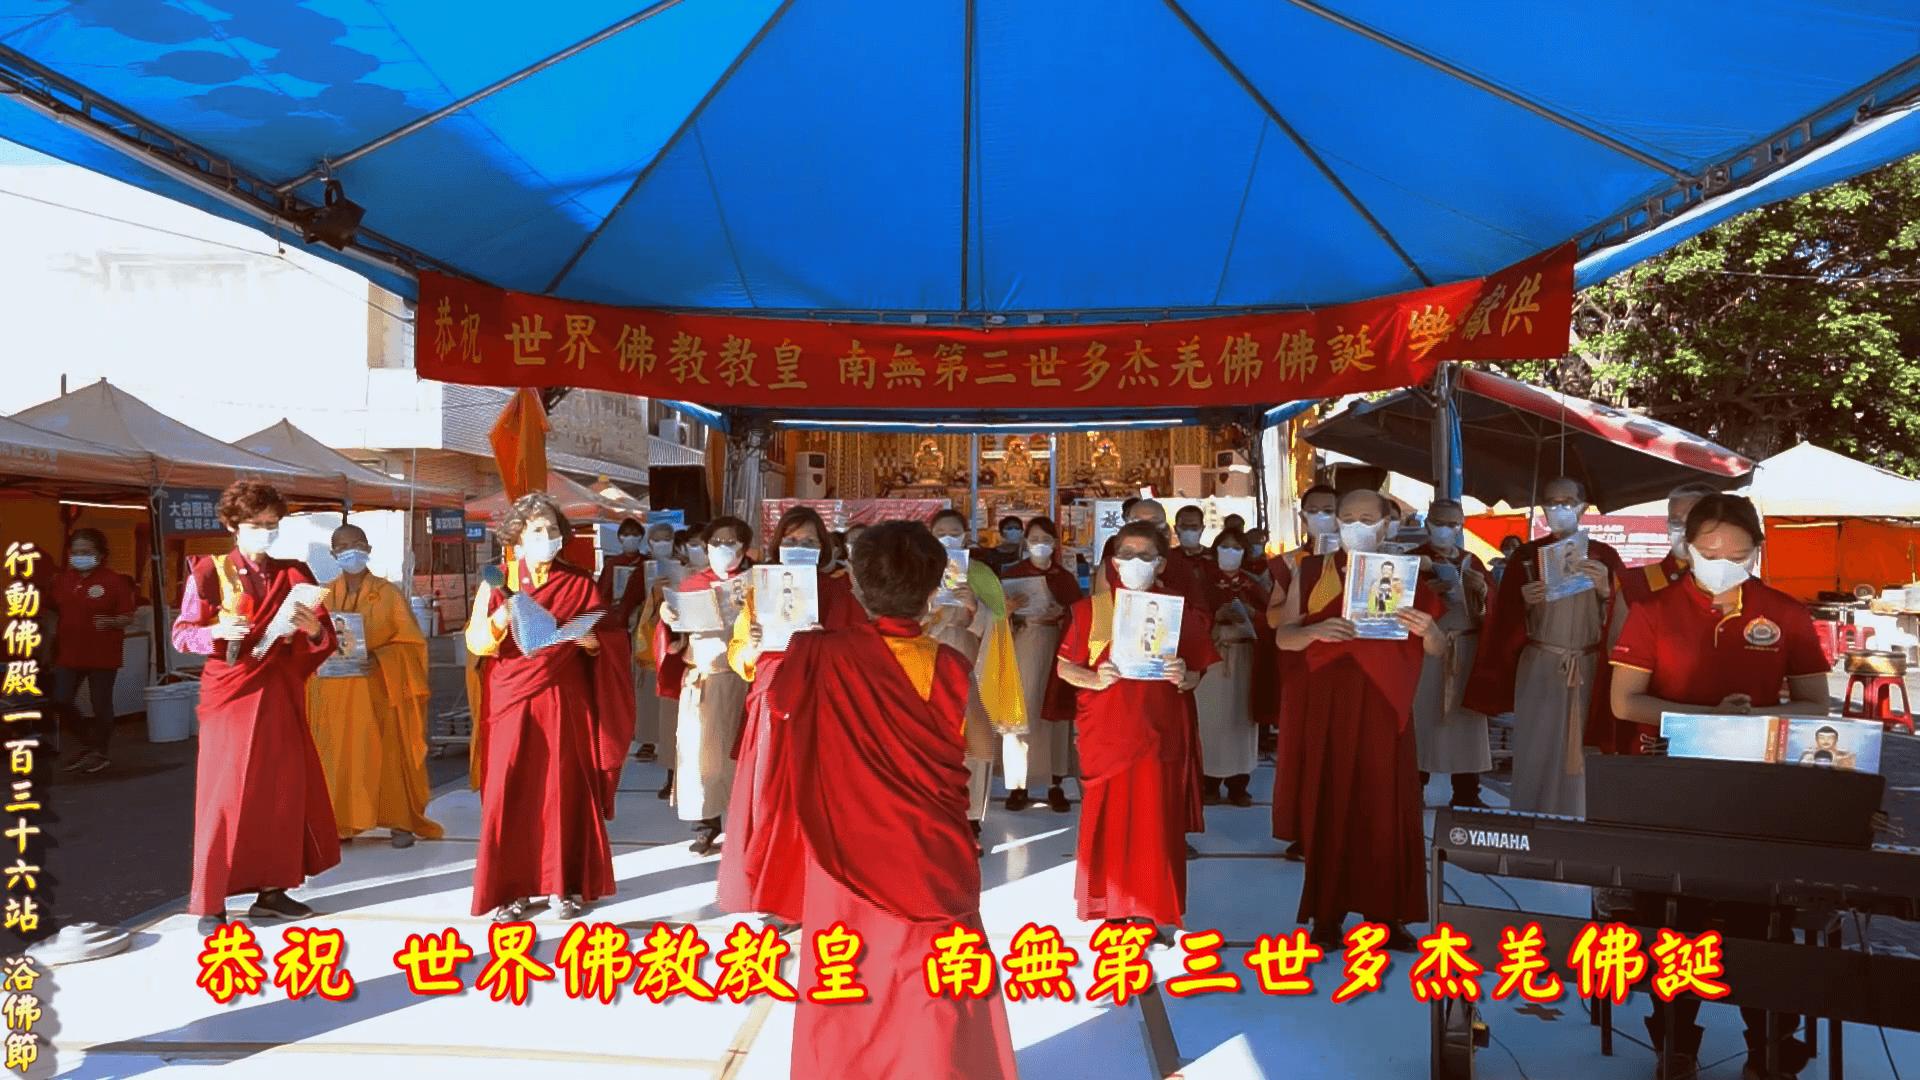 恭祝世界佛教教皇南無第三世多杰羌佛佛誕樂藝供佛